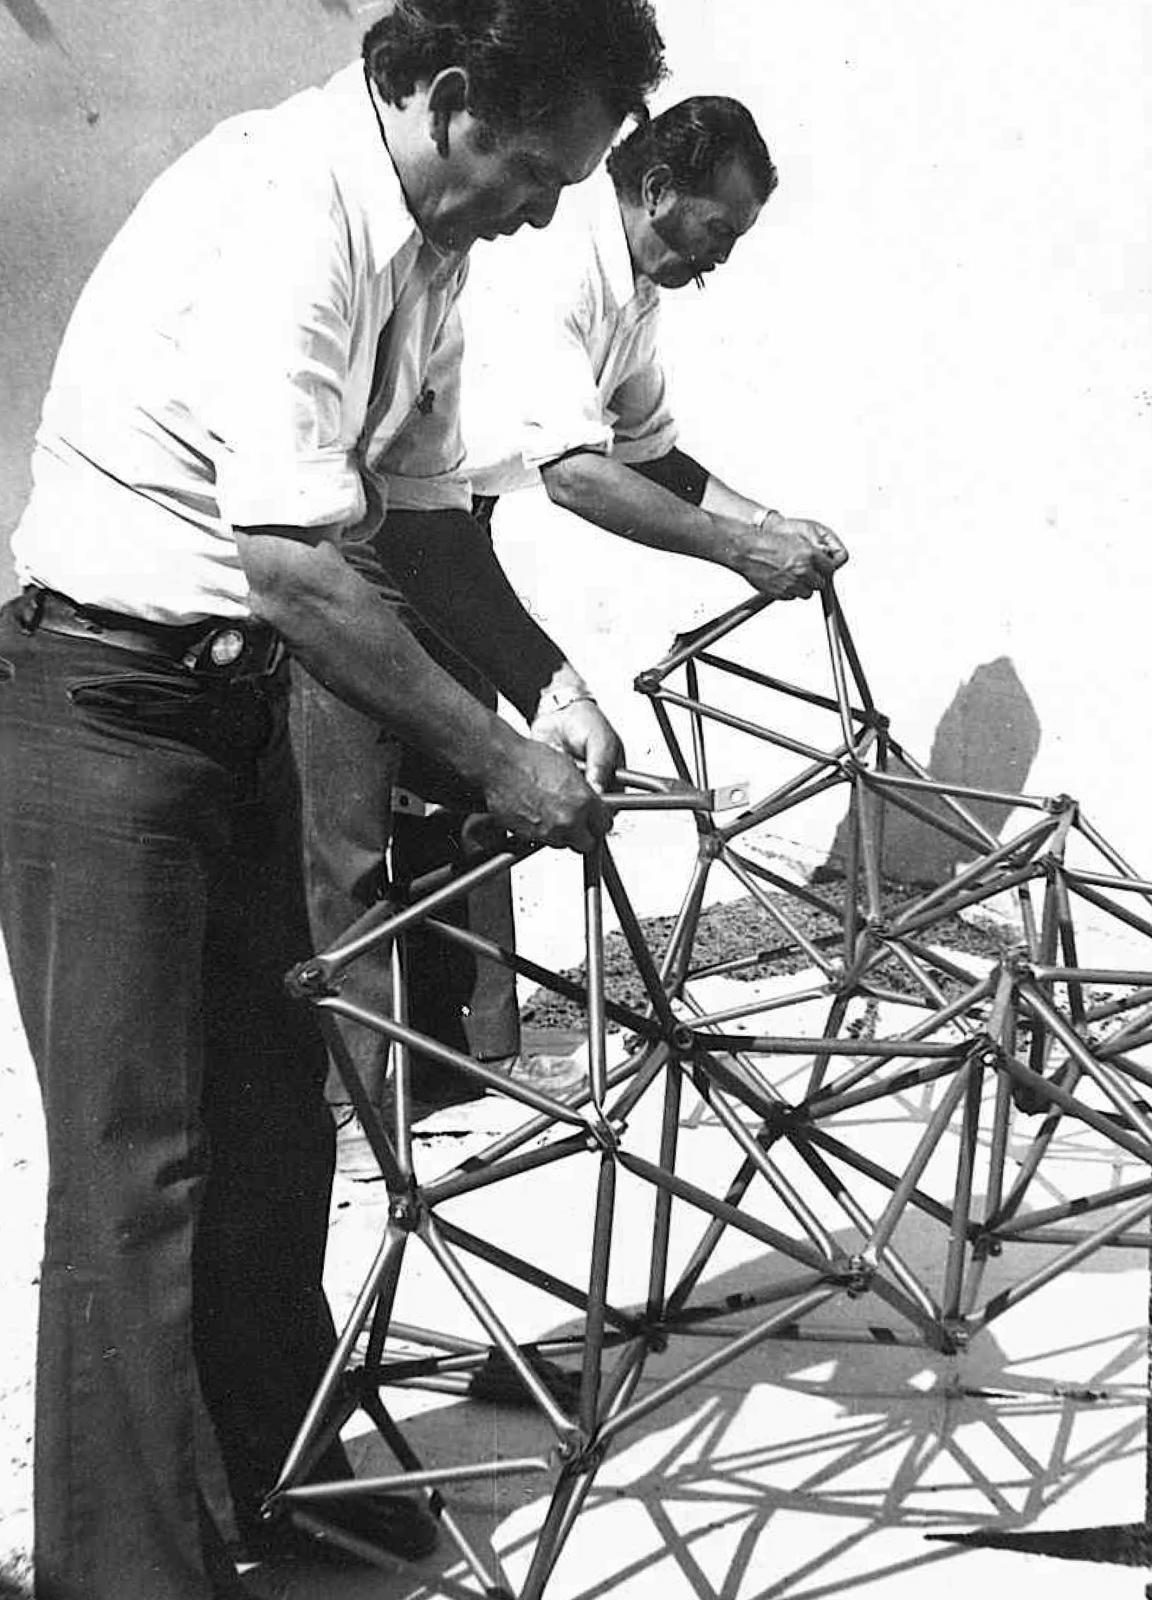 Carlos Espinosa Arancibia